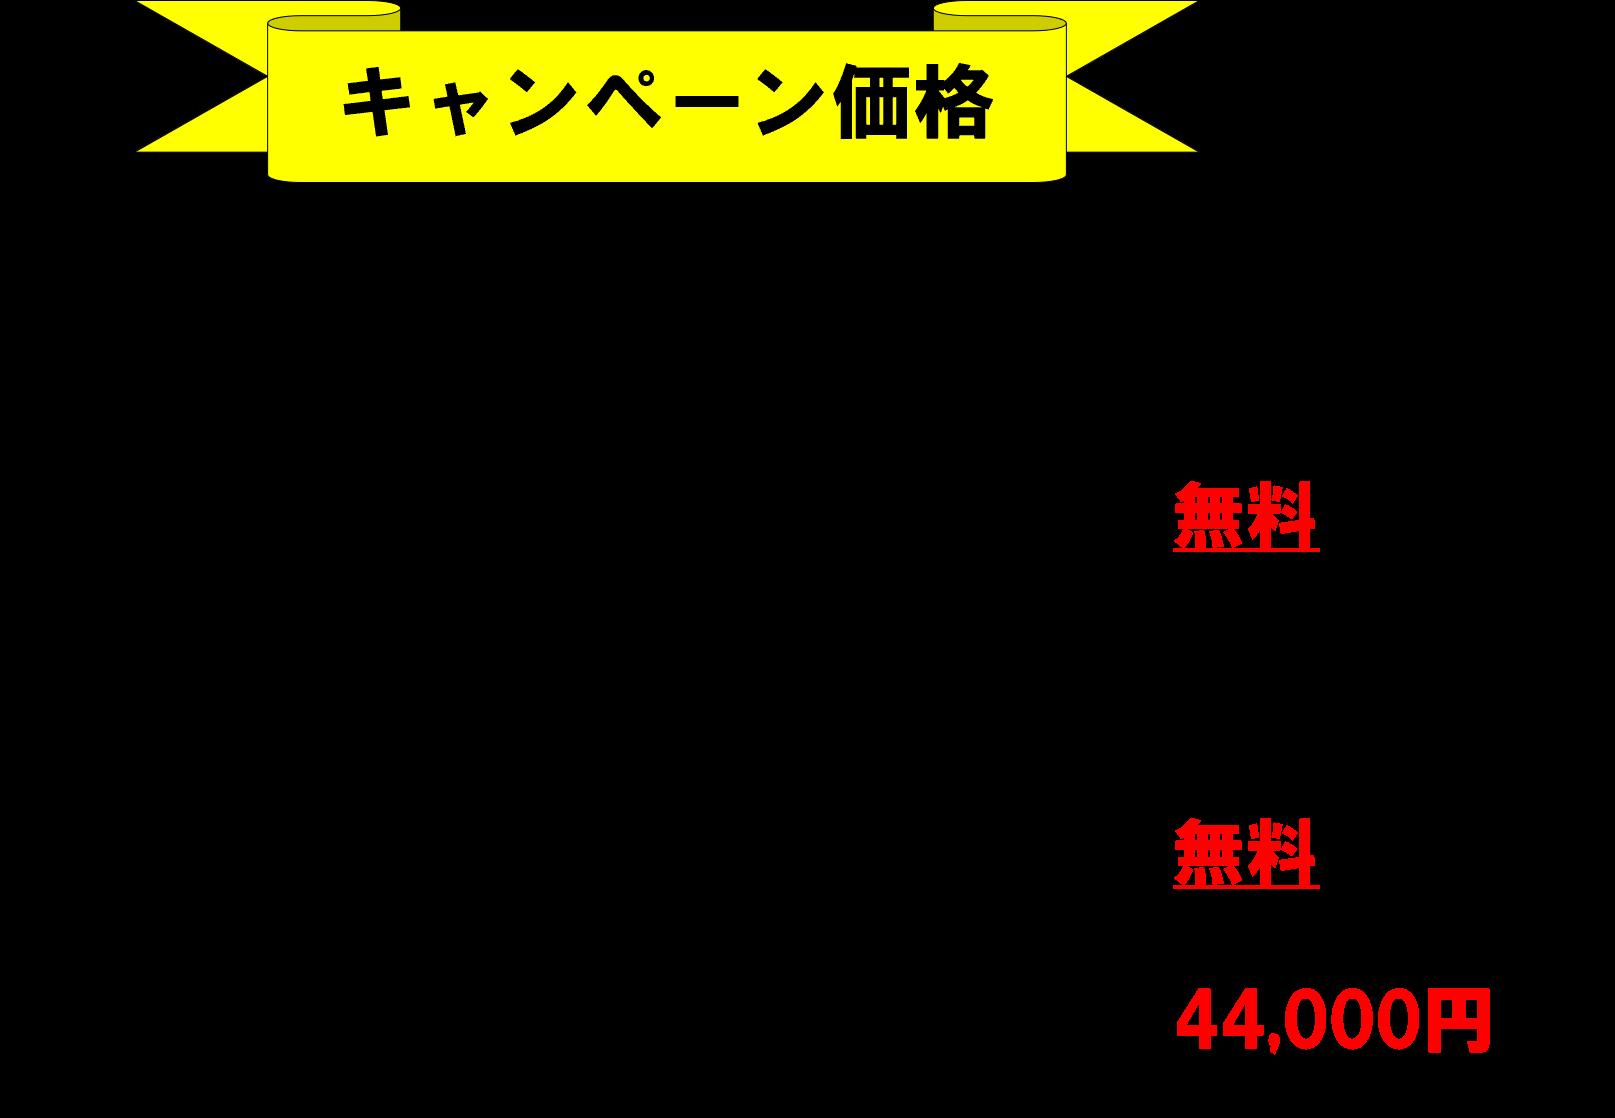 料金表(レディースキャンペーン)